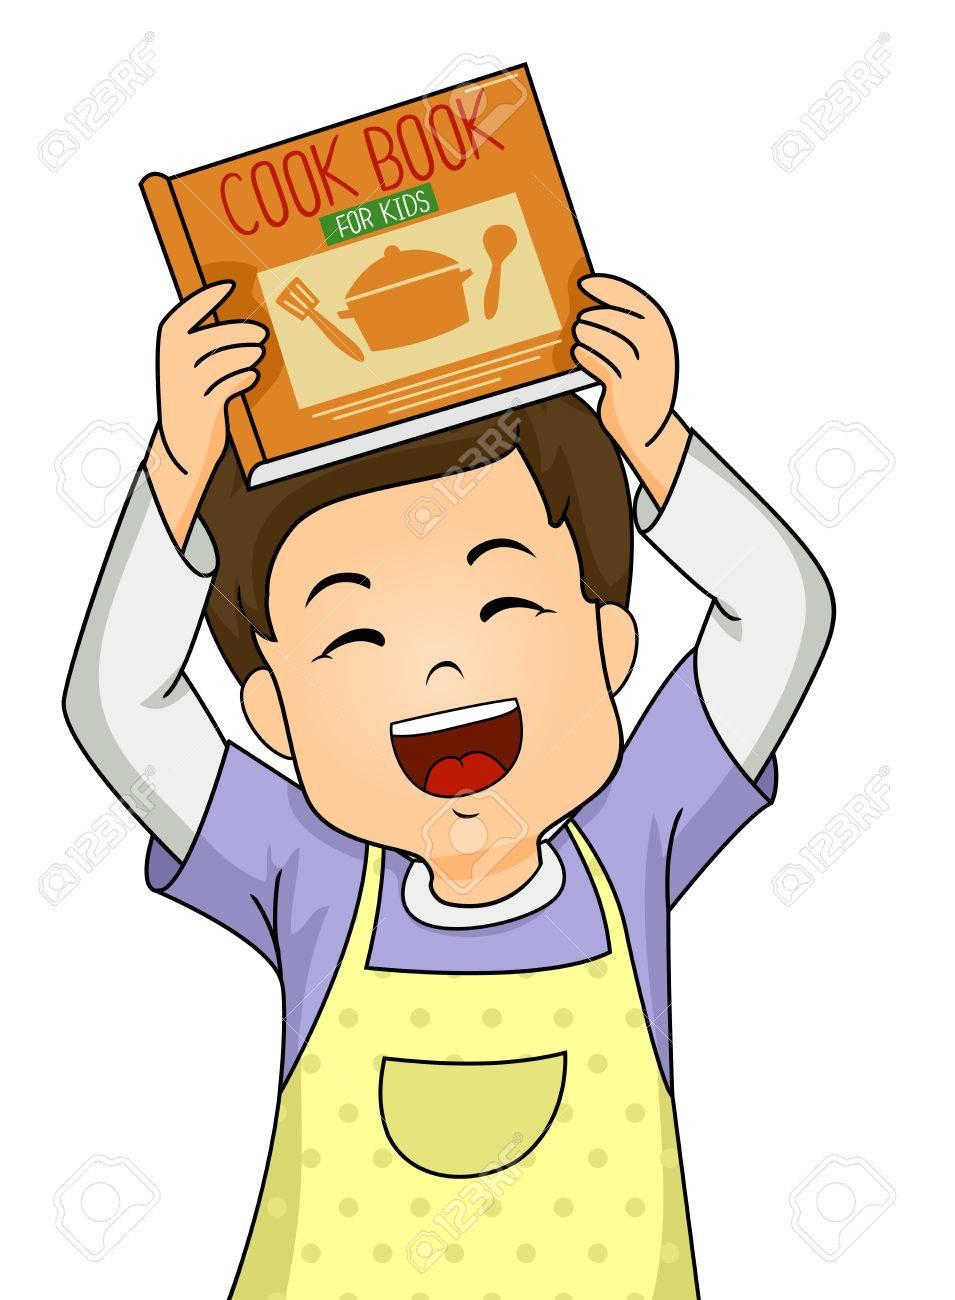 Foto De Archivo   Ilustración De Un Niño Niño Llevaba Un Delantal Mientras  Muestra Un Libro De Cocina Para Niños